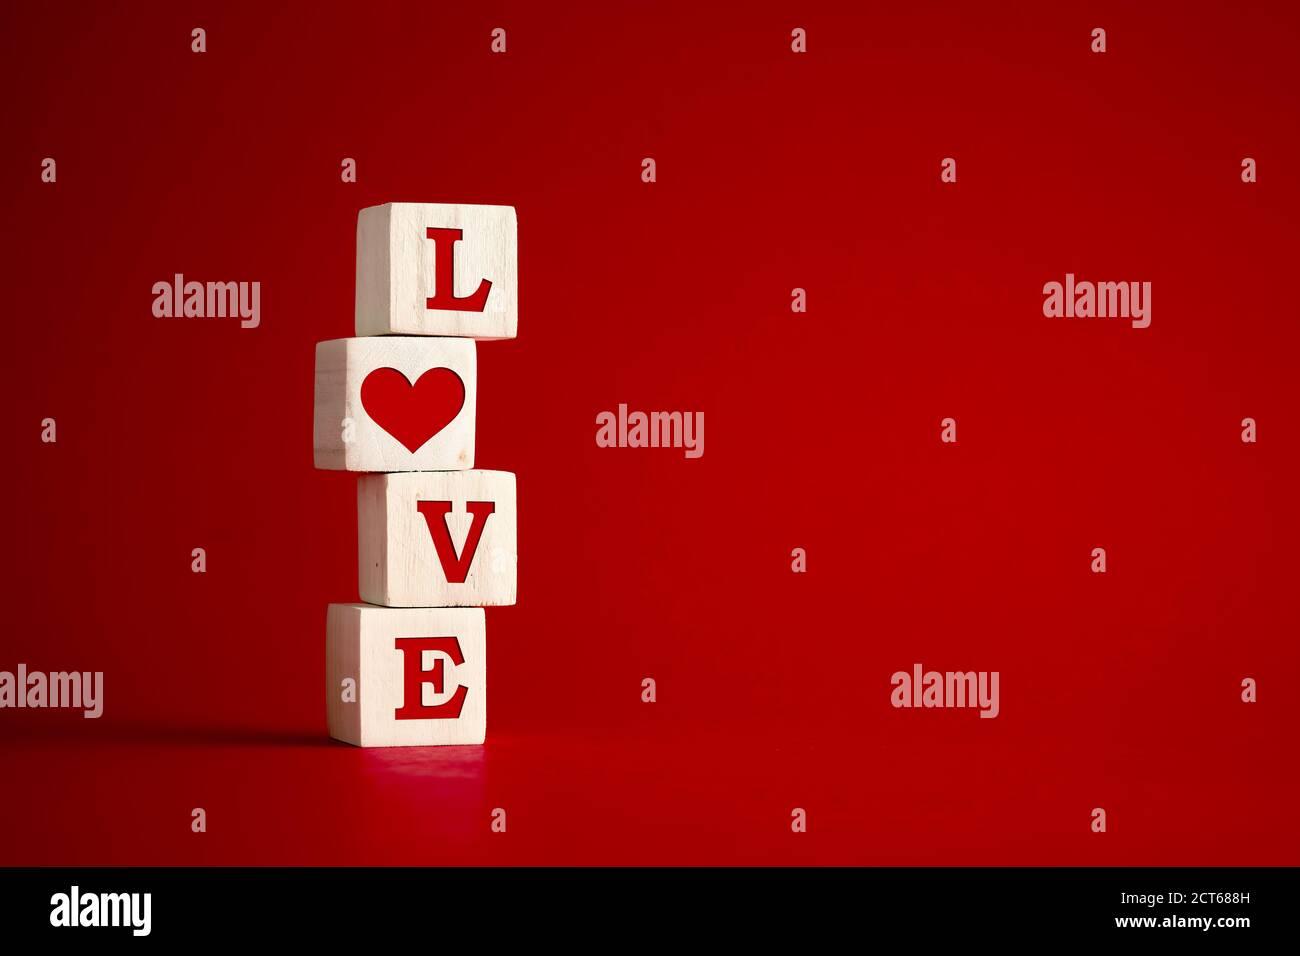 Das Wort Liebe mit Herzform auf Holzwürfeln vor rotem Hintergrund. Liebe, Romantik, Beziehung oder Valentinstag Konzept. Stockfoto